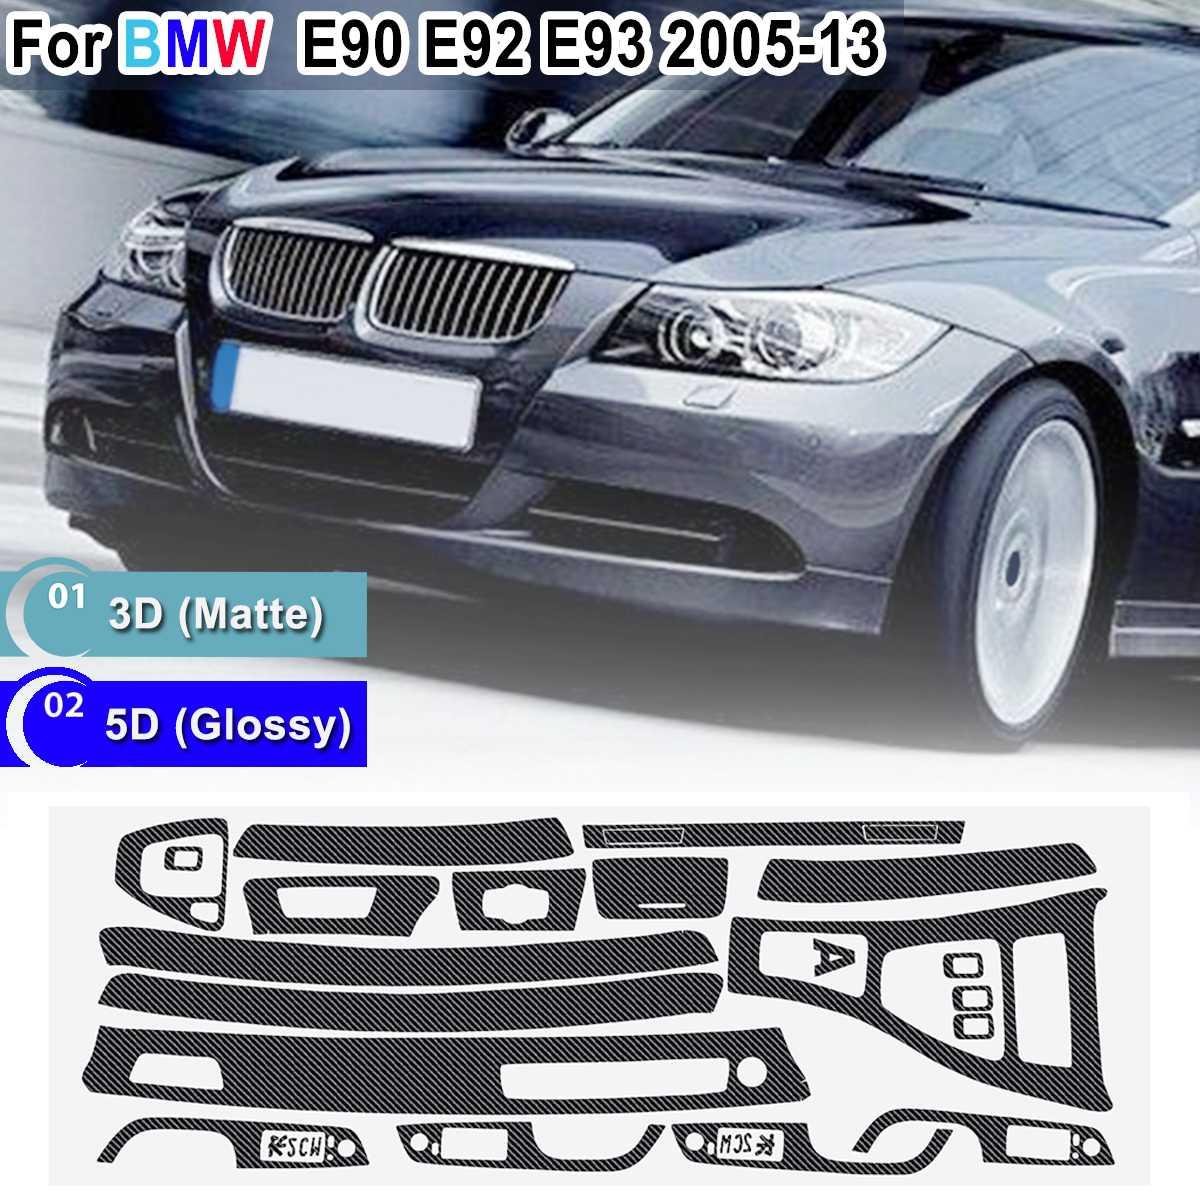 15 pièces seulement RHD 5D brillant/3D mat en Fiber de carbone Style autocollant vinyle décalque garniture pour BMW E90 E92 E93 2005-2013